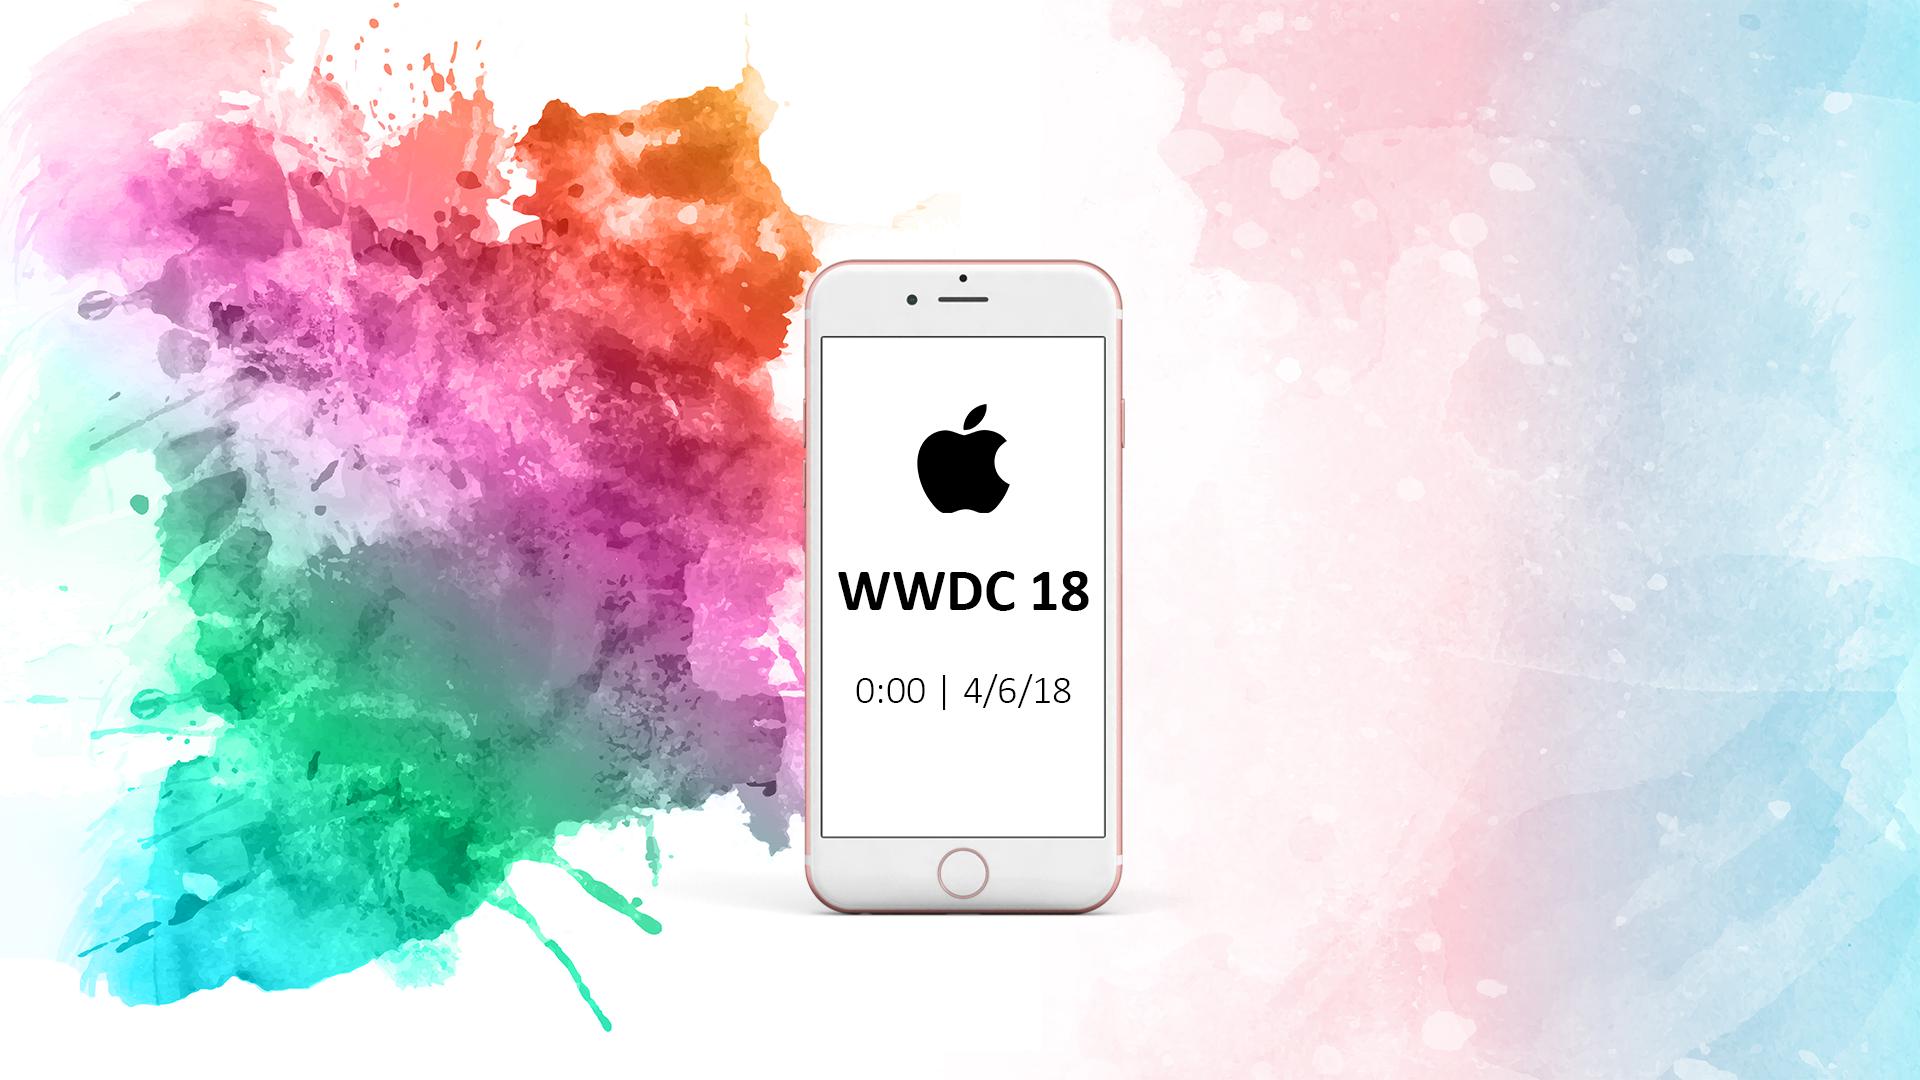 Apple bắt đầu cho phép đăng kí và tuyên bố khởi động WWDC 2018 vào ngày 4/6